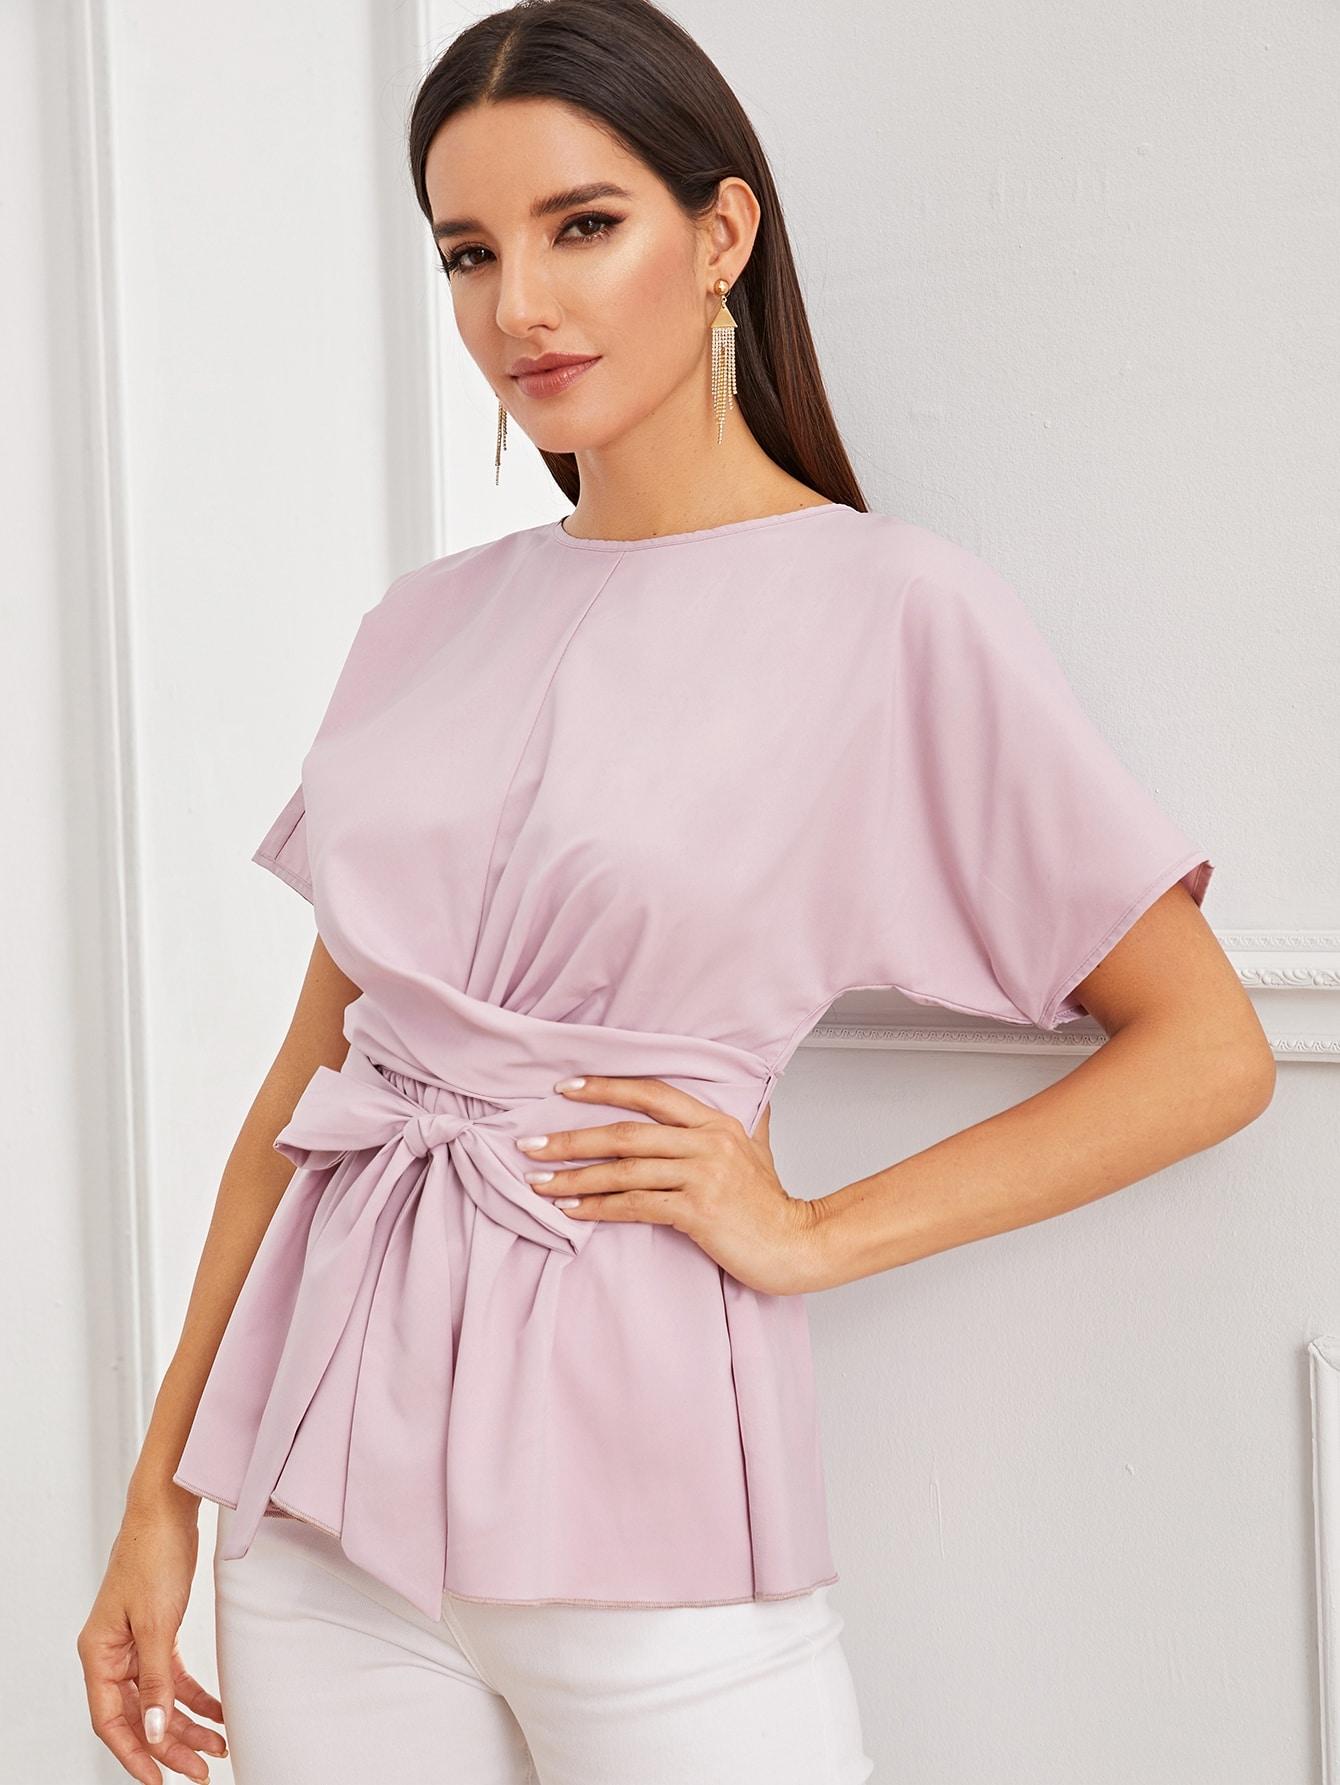 Фото 11 - Атласное платье с пышными рукавами и поясом от SheIn цвета хаки